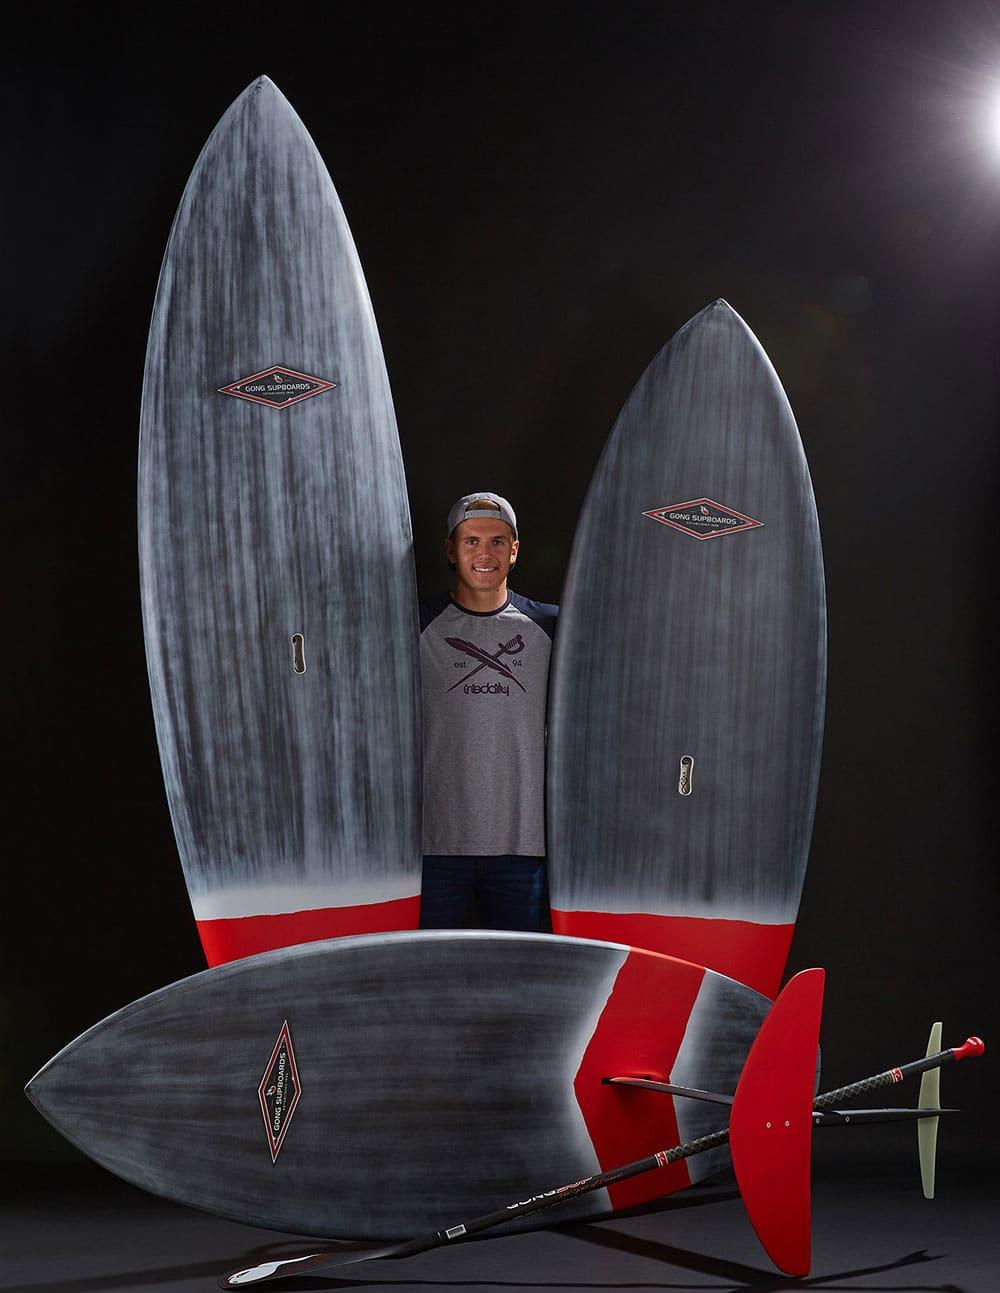 Moritz Mauch intègre le Team Gong Surfboards pour 2018